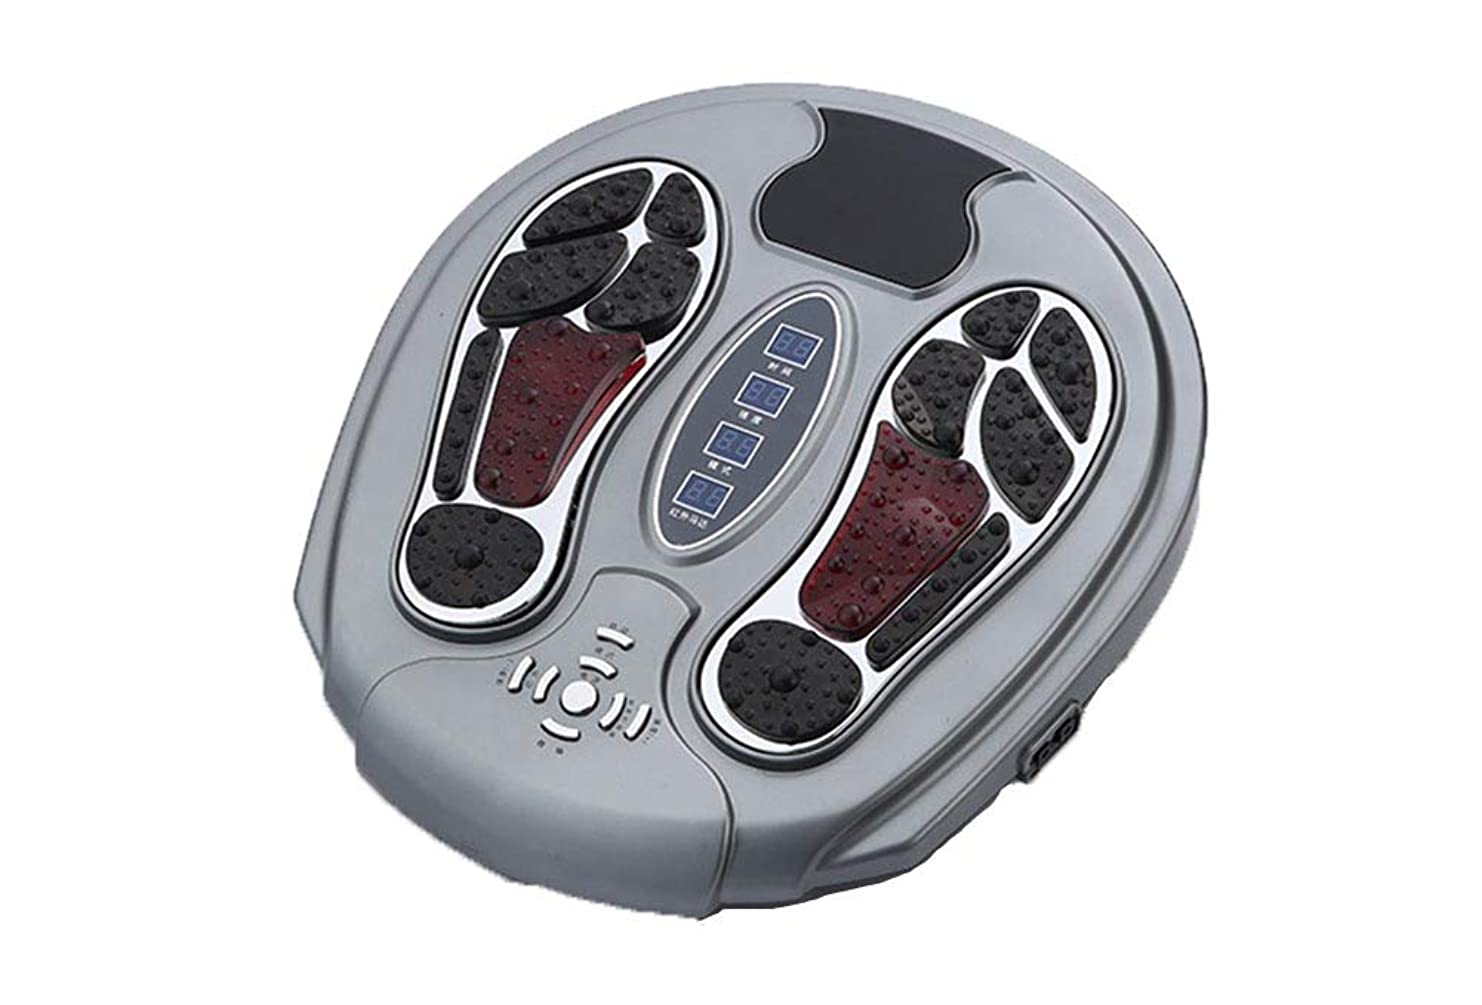 にはまってレンド電話するフットマッサージャー&ボディセラピーマシン - リモートコントロール、、赤外線機能を備えた、身体を刺激する99の強度設定